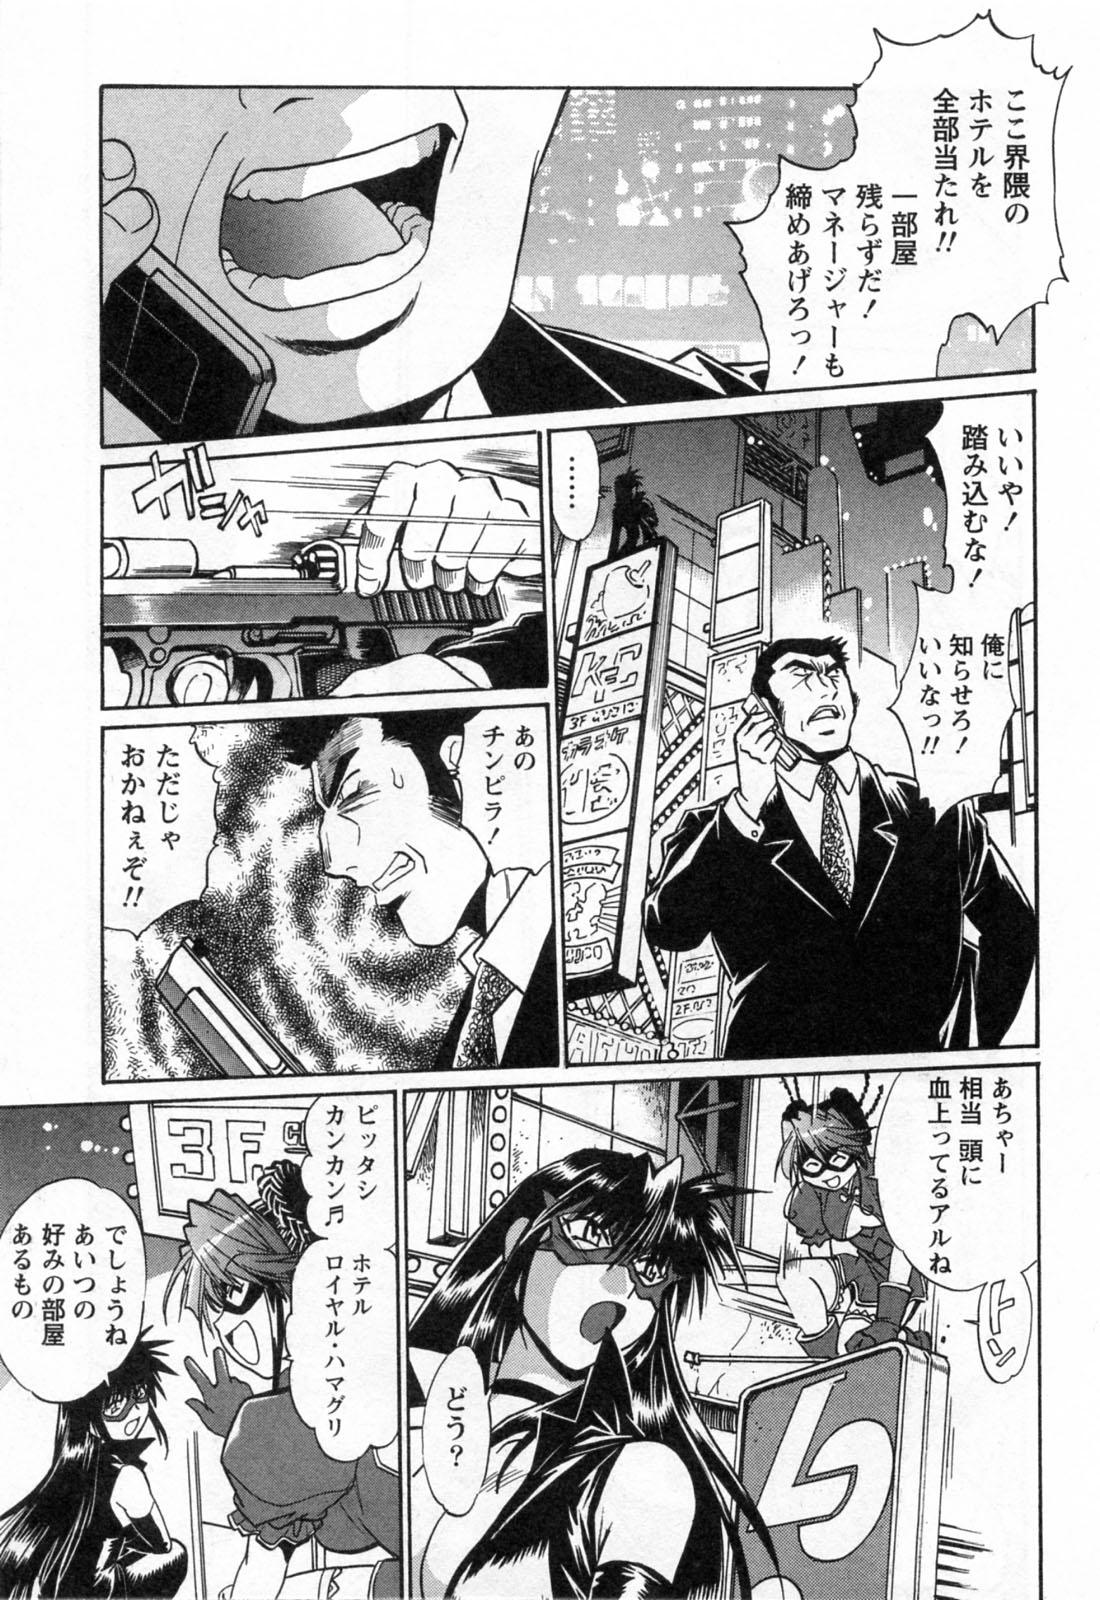 Makunouchi Deluxe 3 88